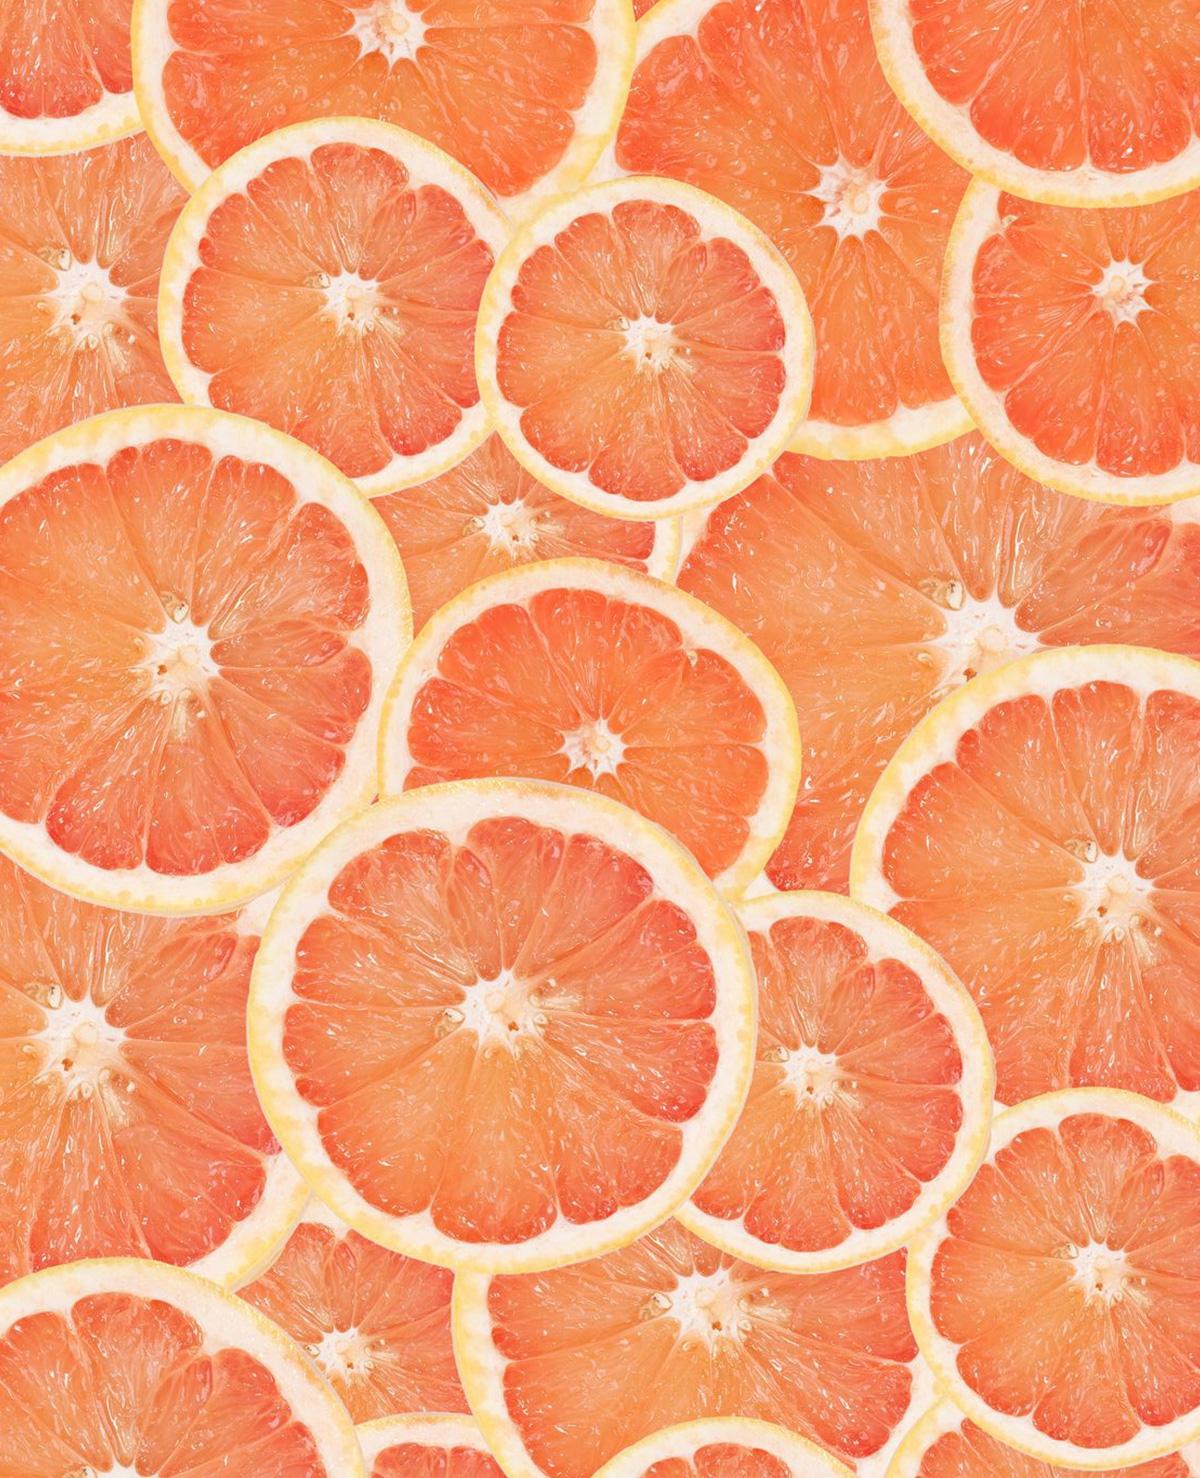 Dit doet een grapefruit